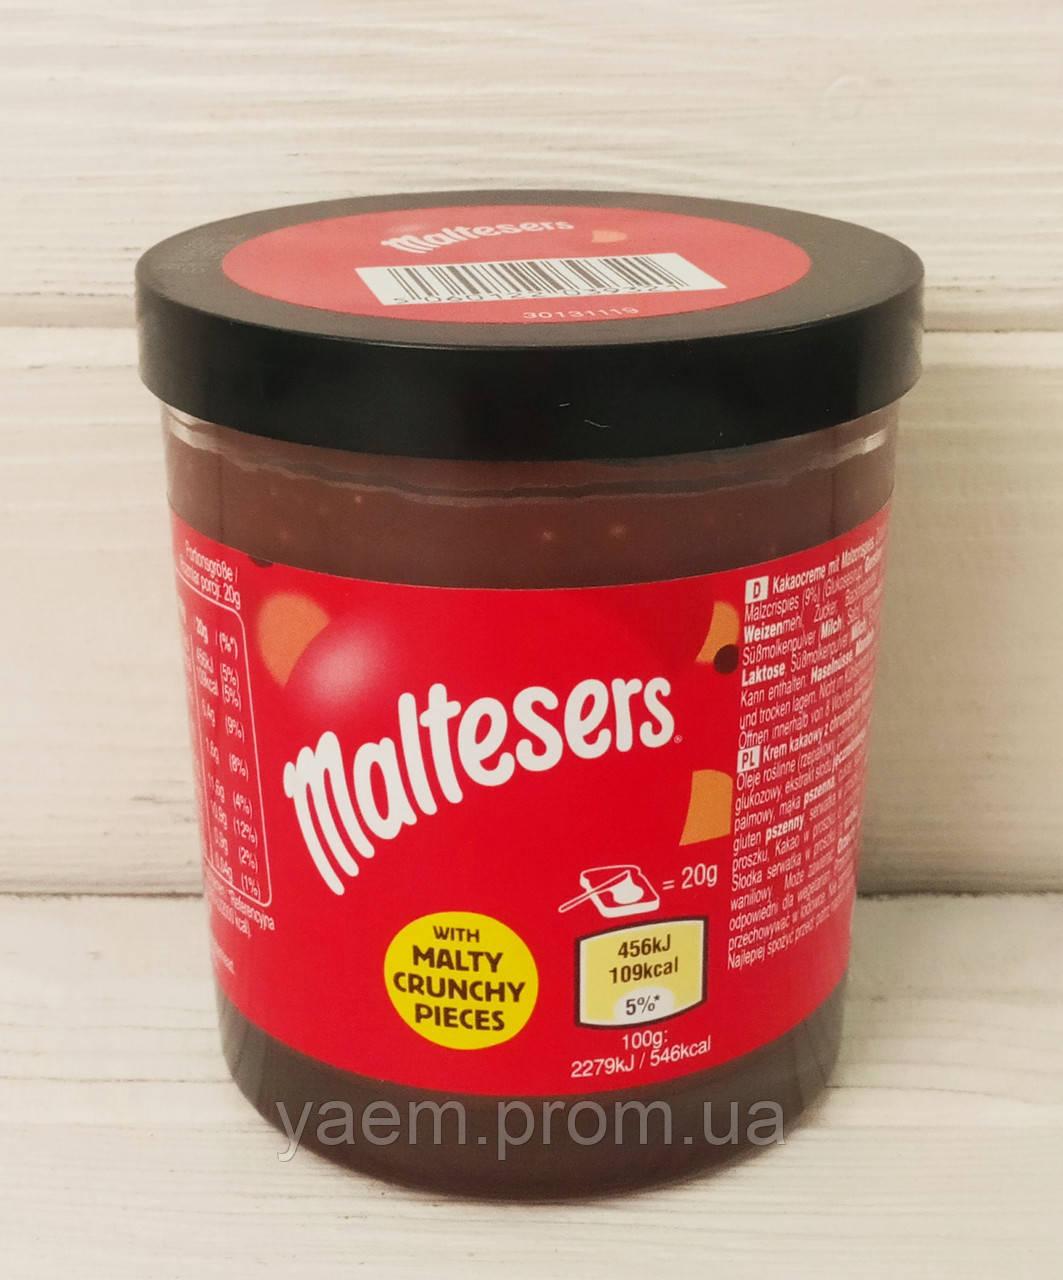 Крем шоколадный кусочками печенья Maltesers Teasers 200g (Великобритания)